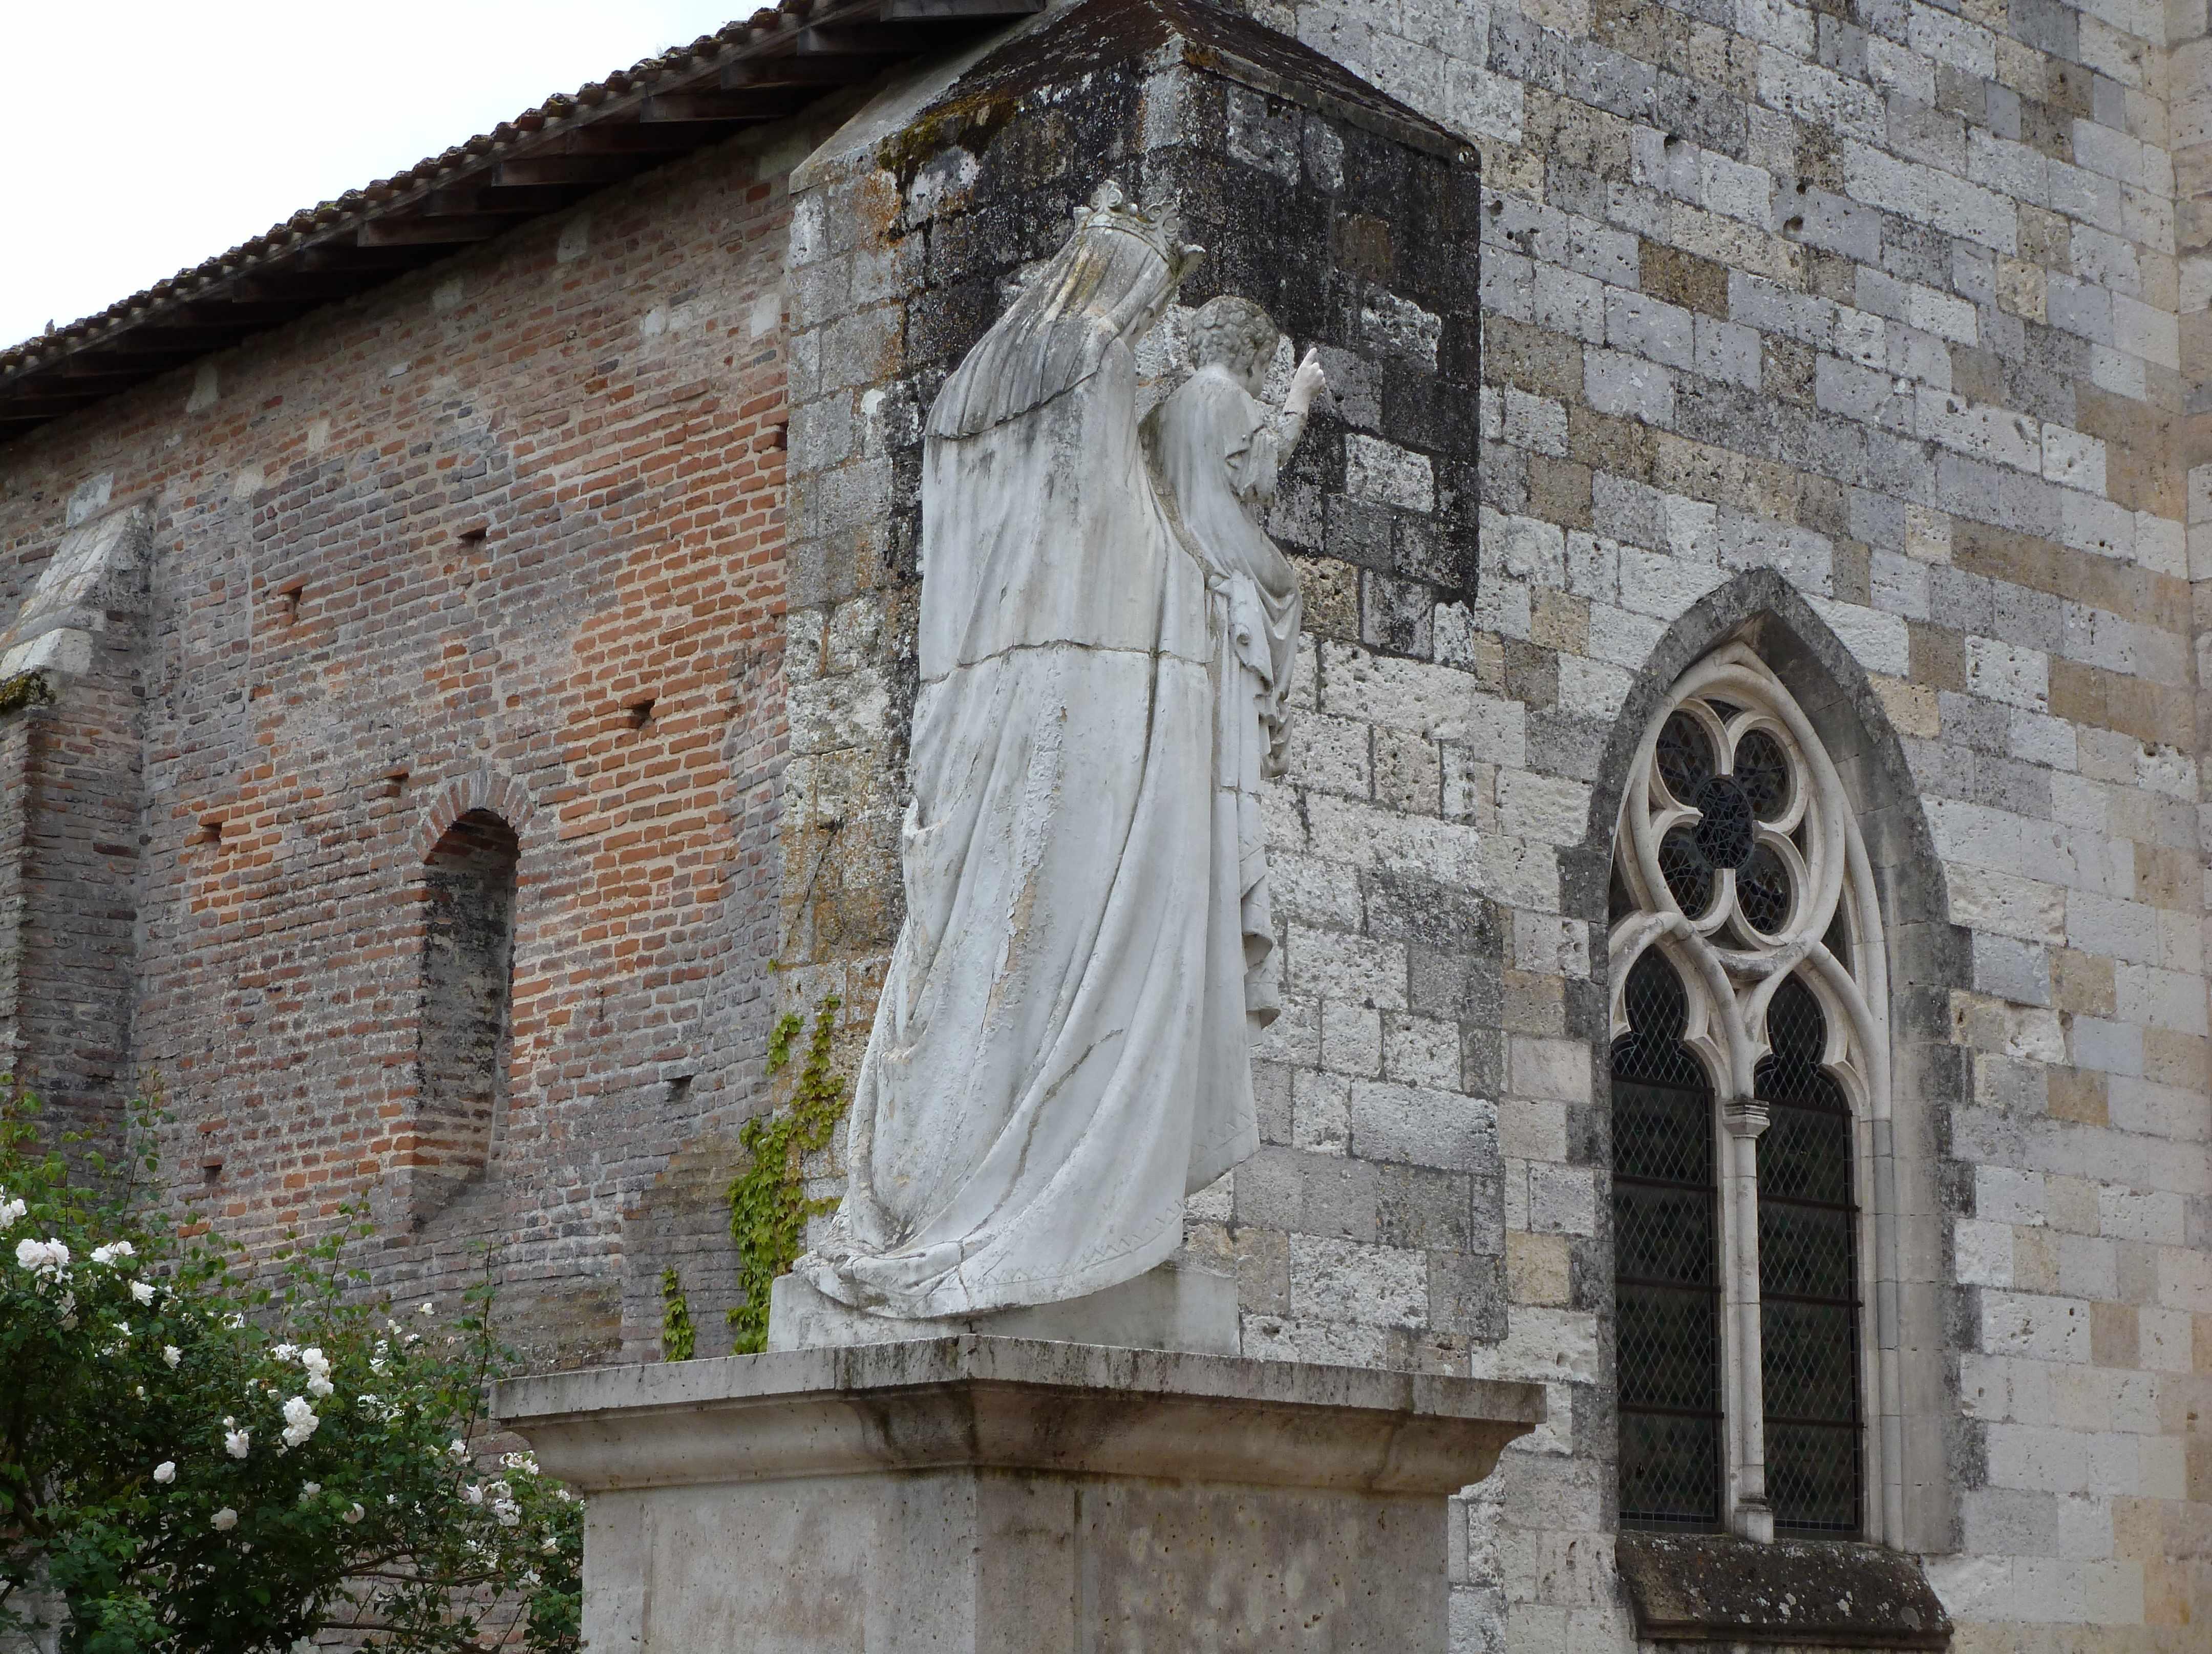 Auvillar-eglise-statue-Vierge-2014-05